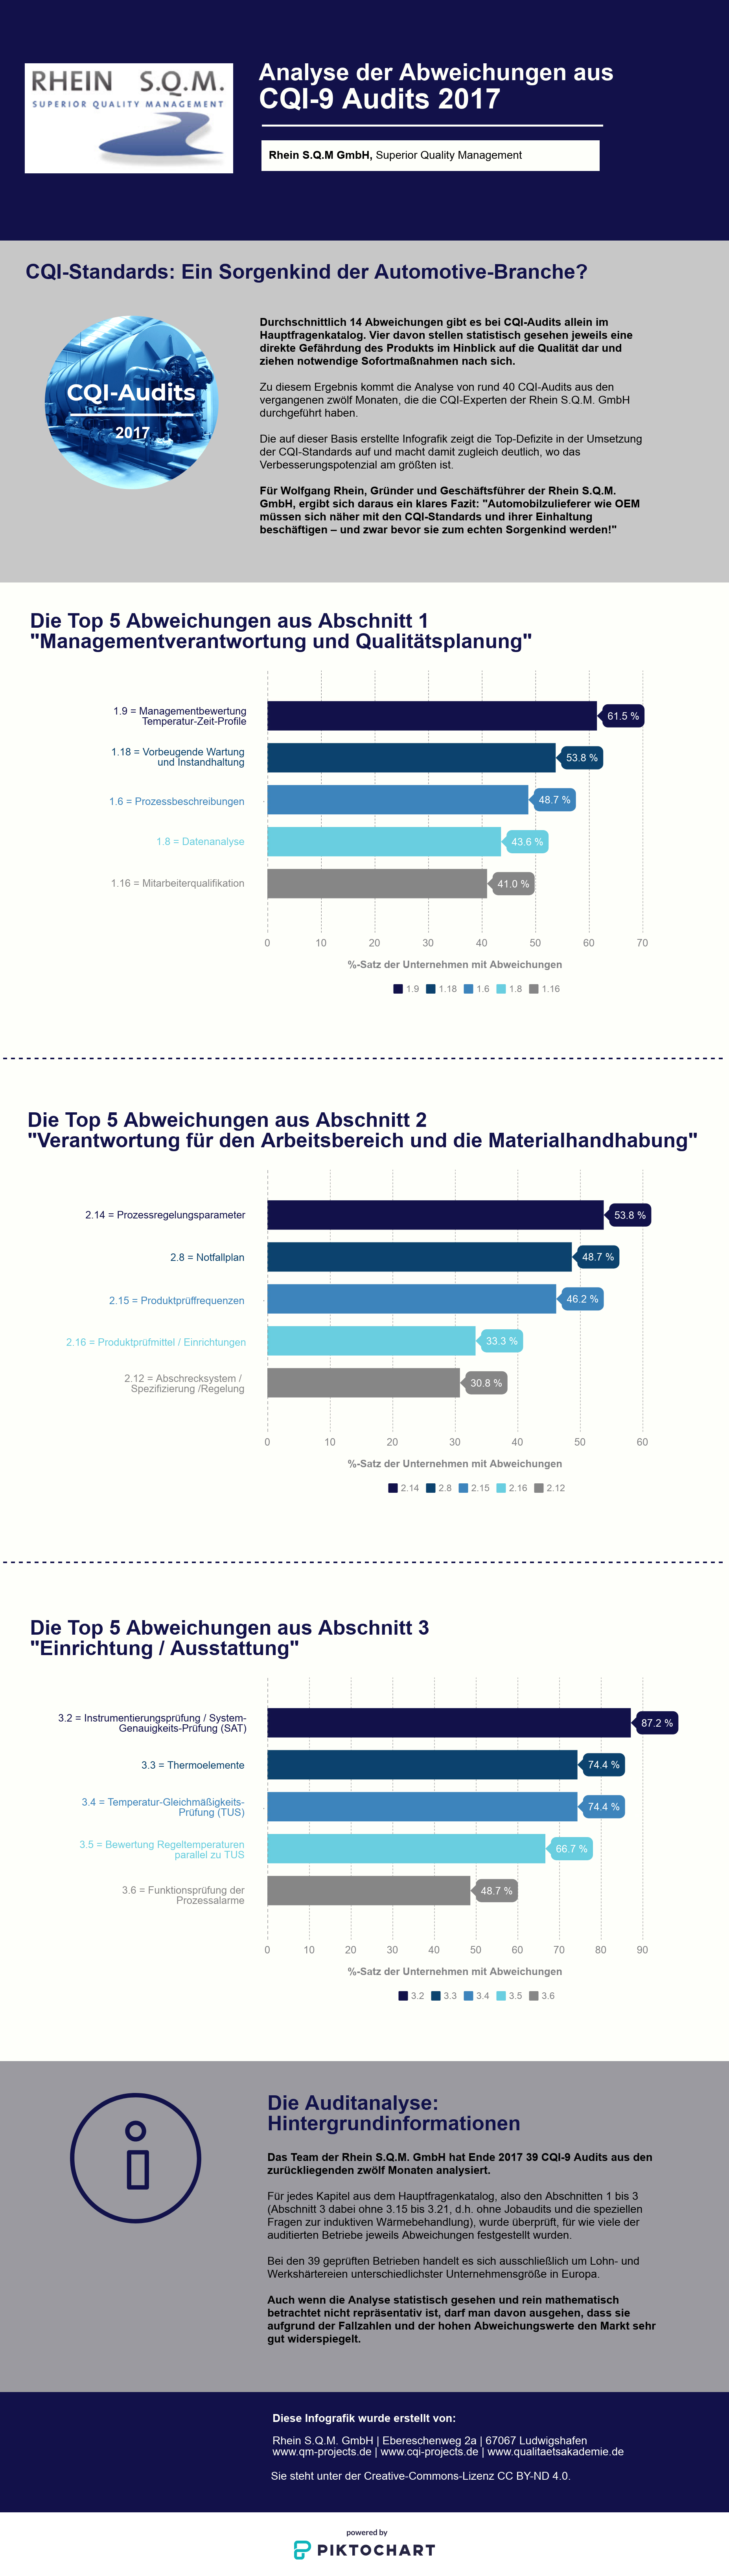 CQI-9 Audits: Die Top-Abweichungen aus typischen Abschnitten